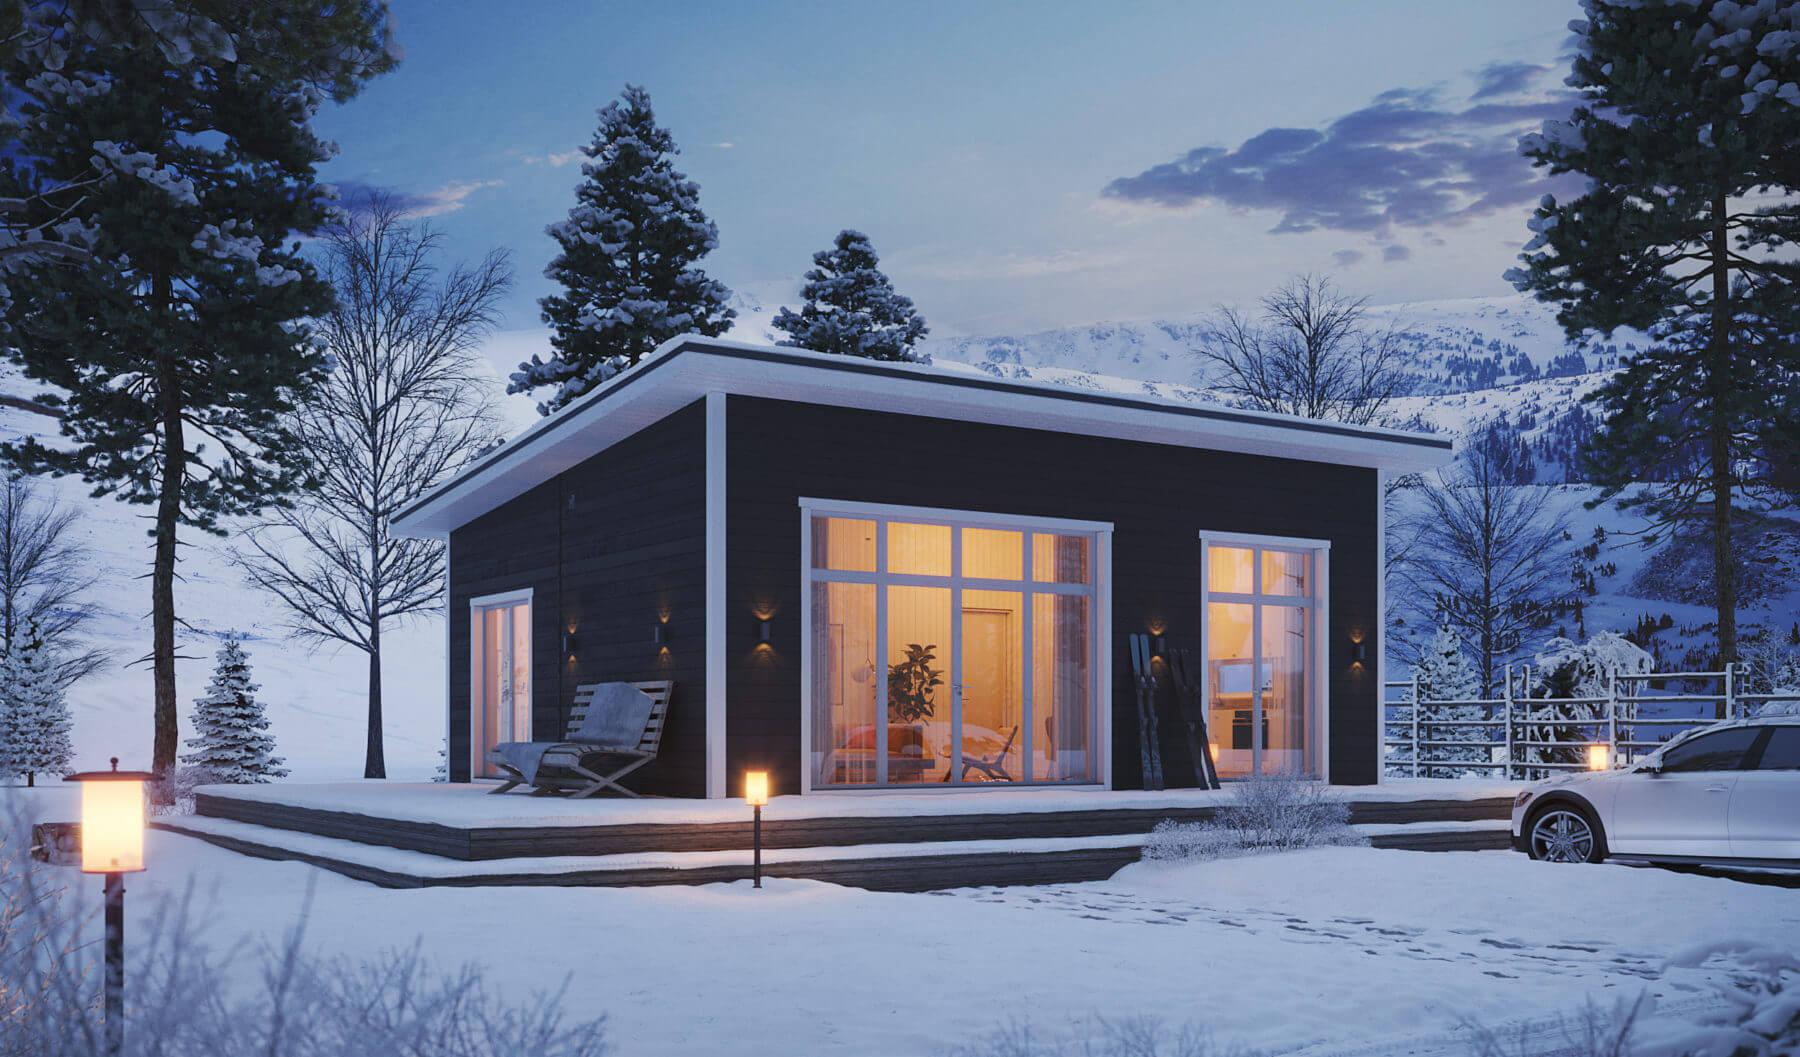 Fritidshus Pulpet 60.2 med svart fasad och med vita knutar stående i vinterväder